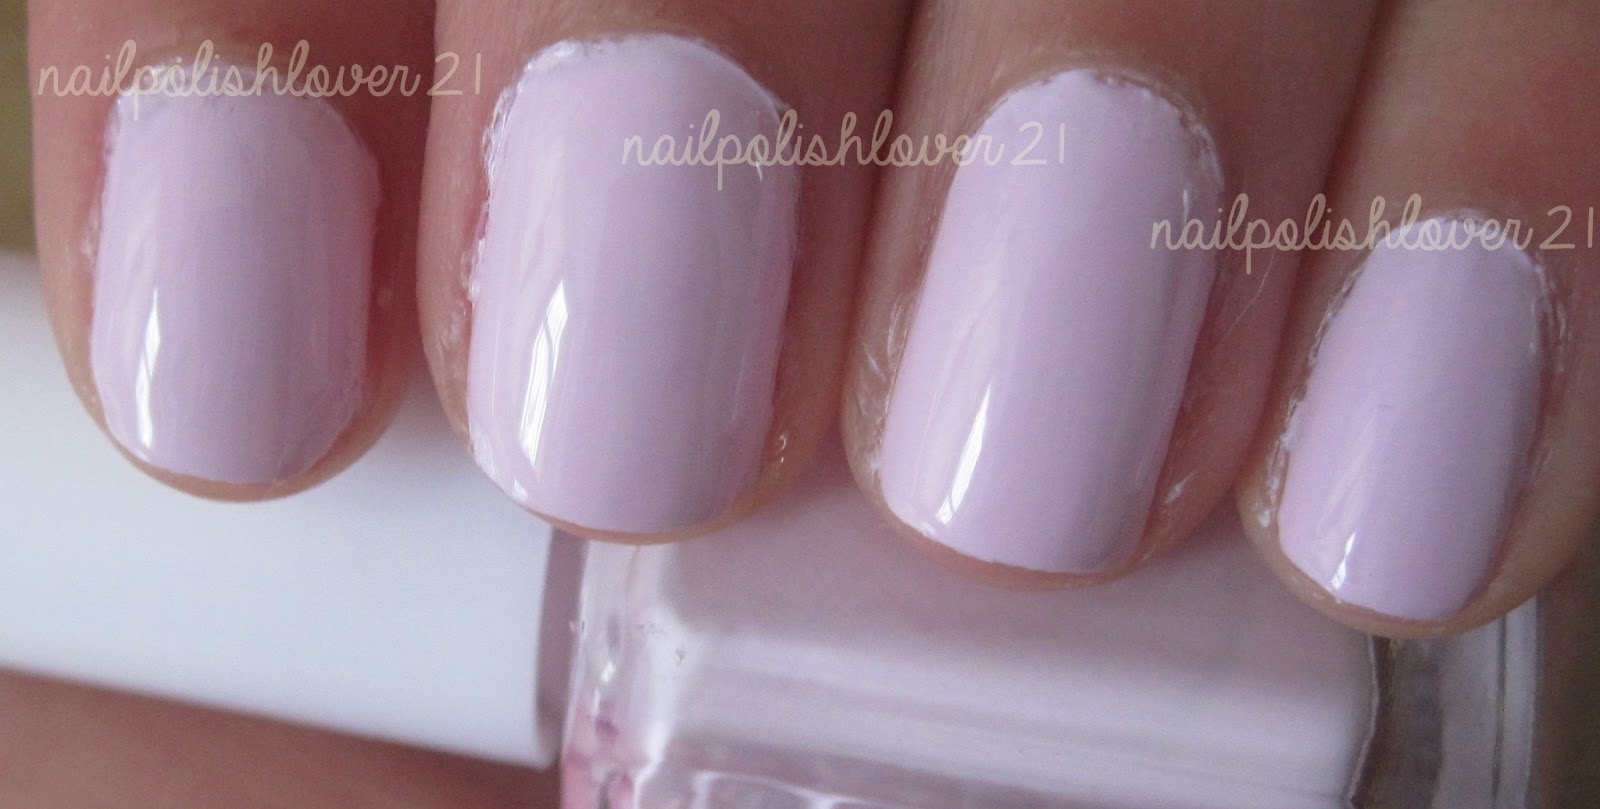 Nail Polish Reviews + Swatches!: New MUA Nail Polish Swatches!